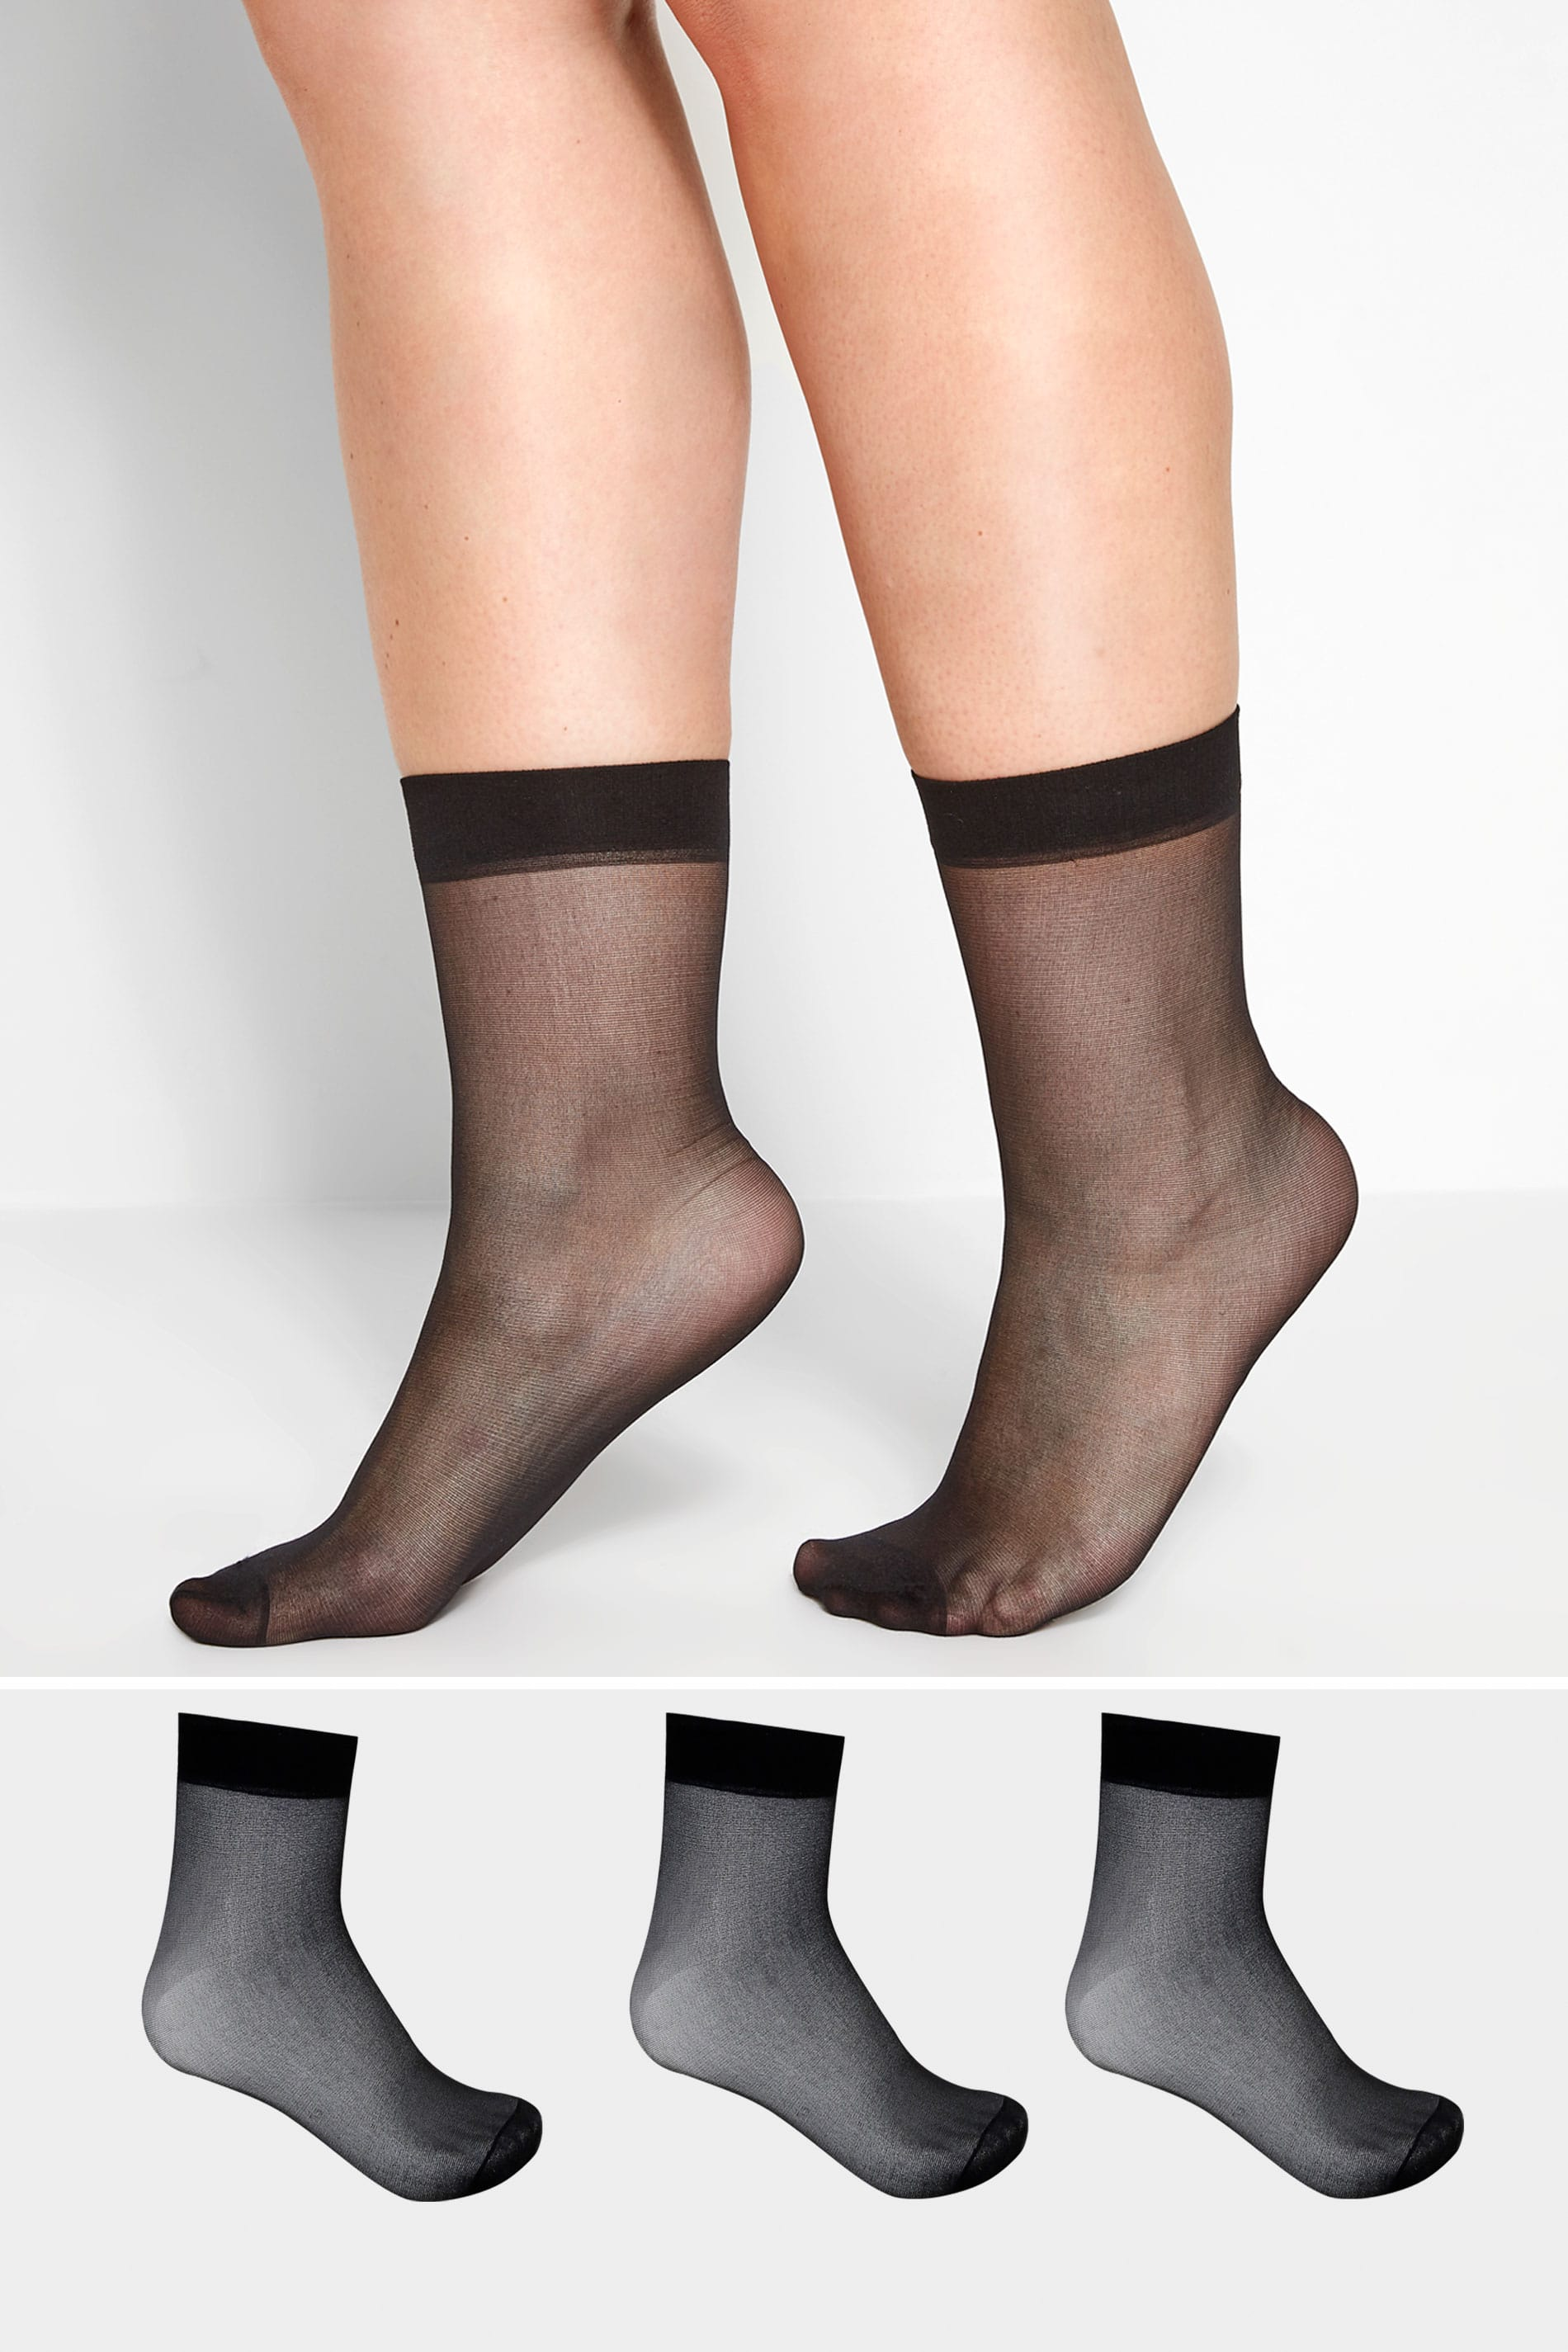 3 PACK Black Sheer Ankle Socks